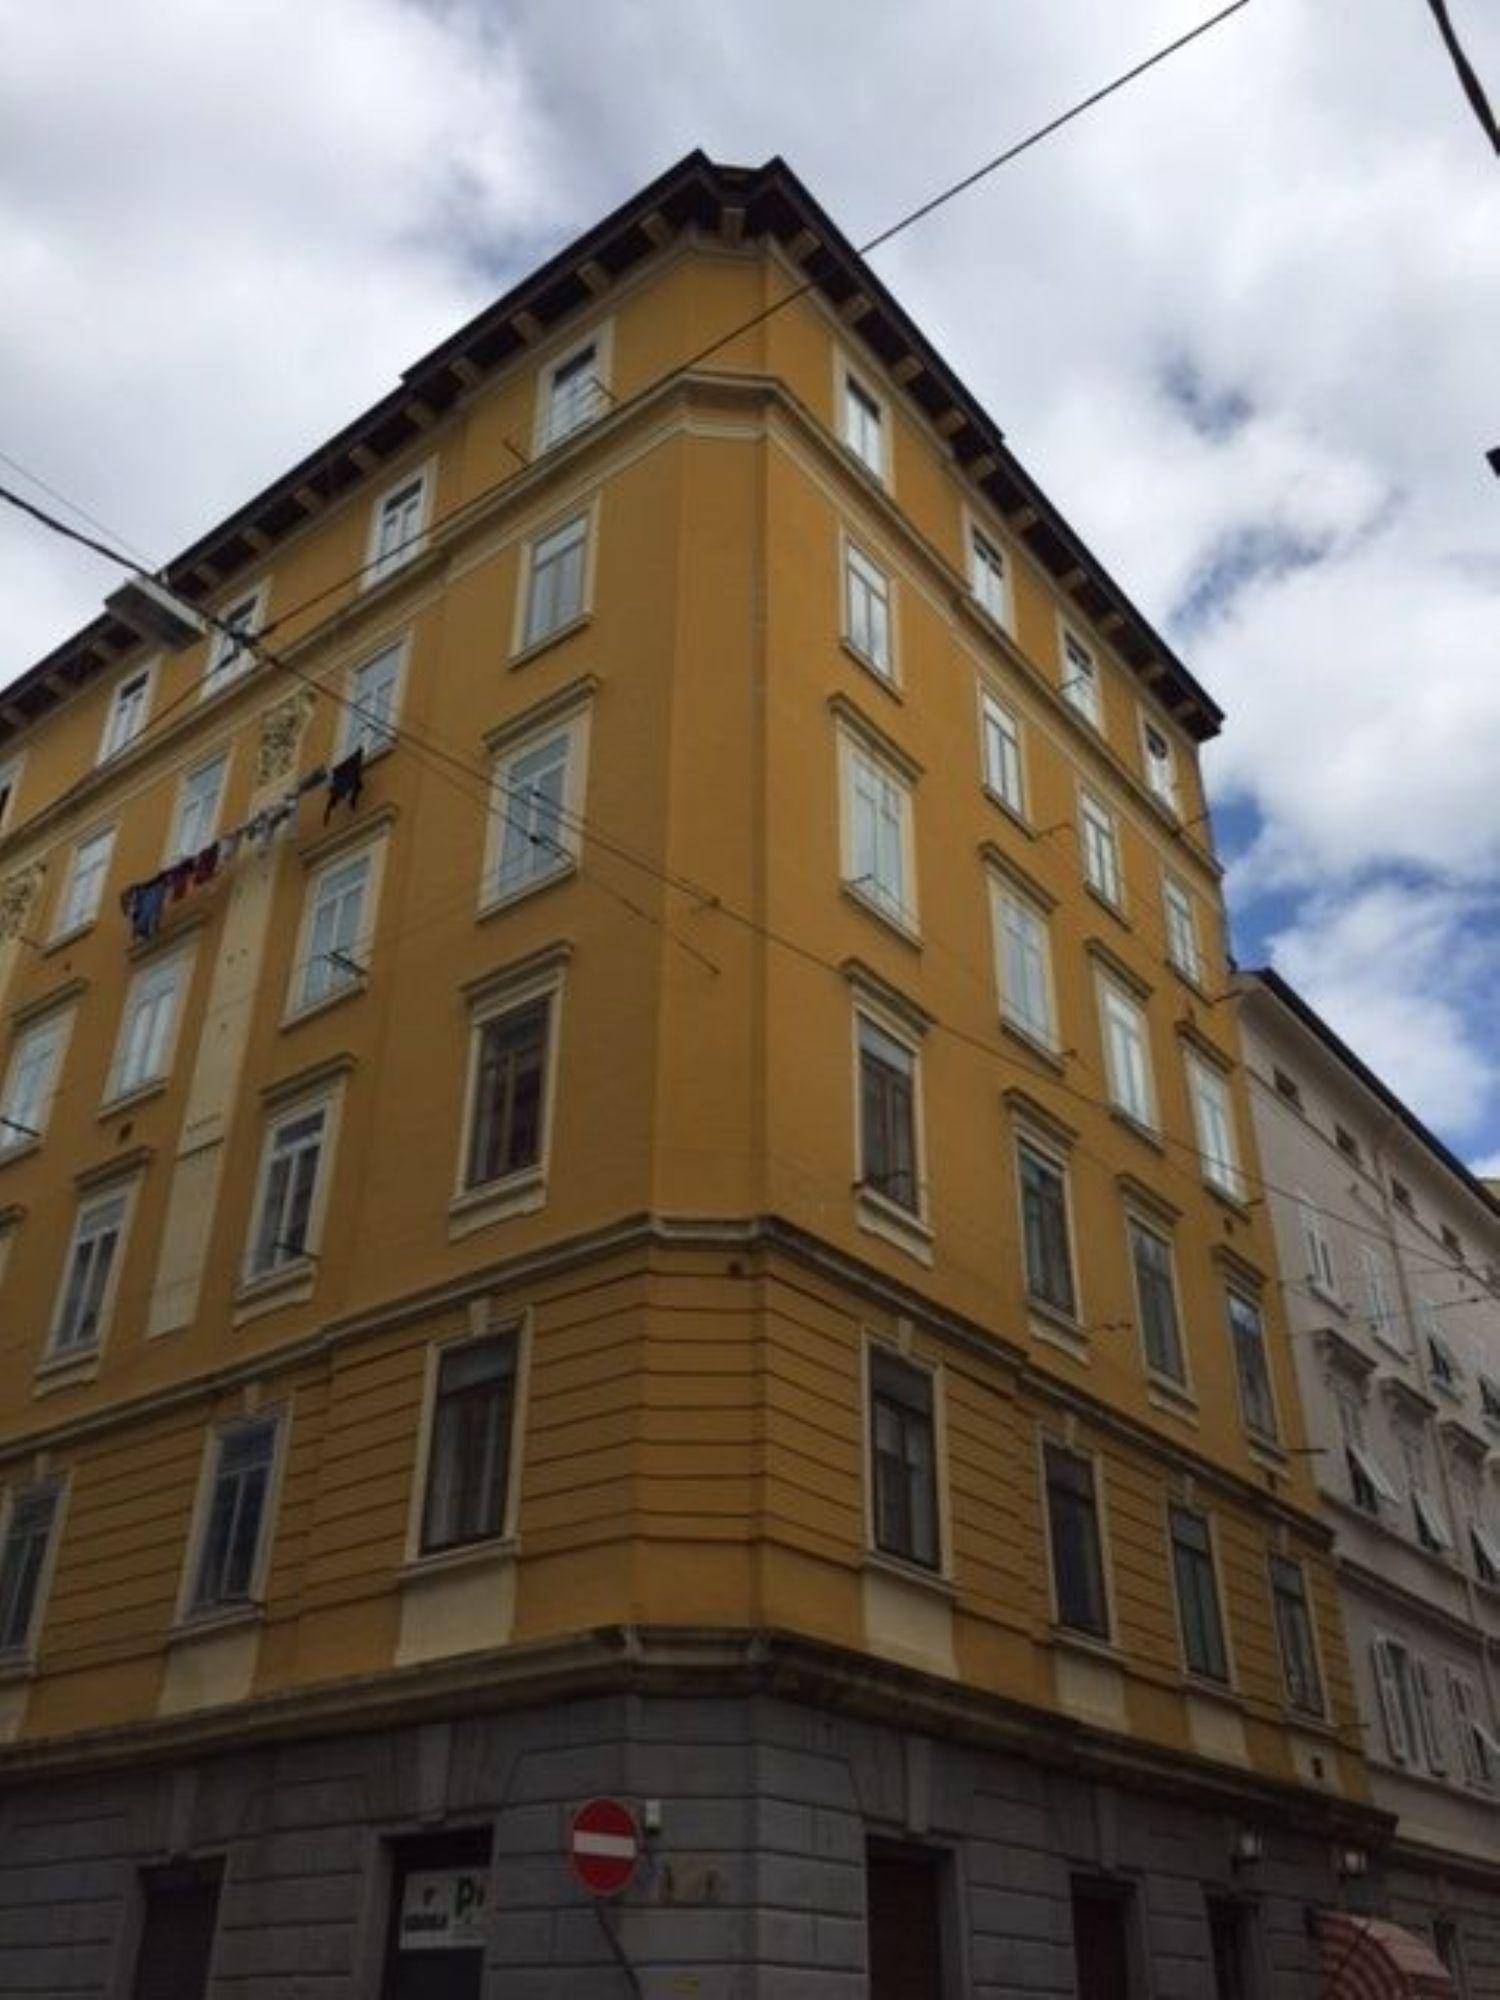 Appartamento in vendita a Trieste, 3 locali, prezzo € 49.000 | Cambio Casa.it